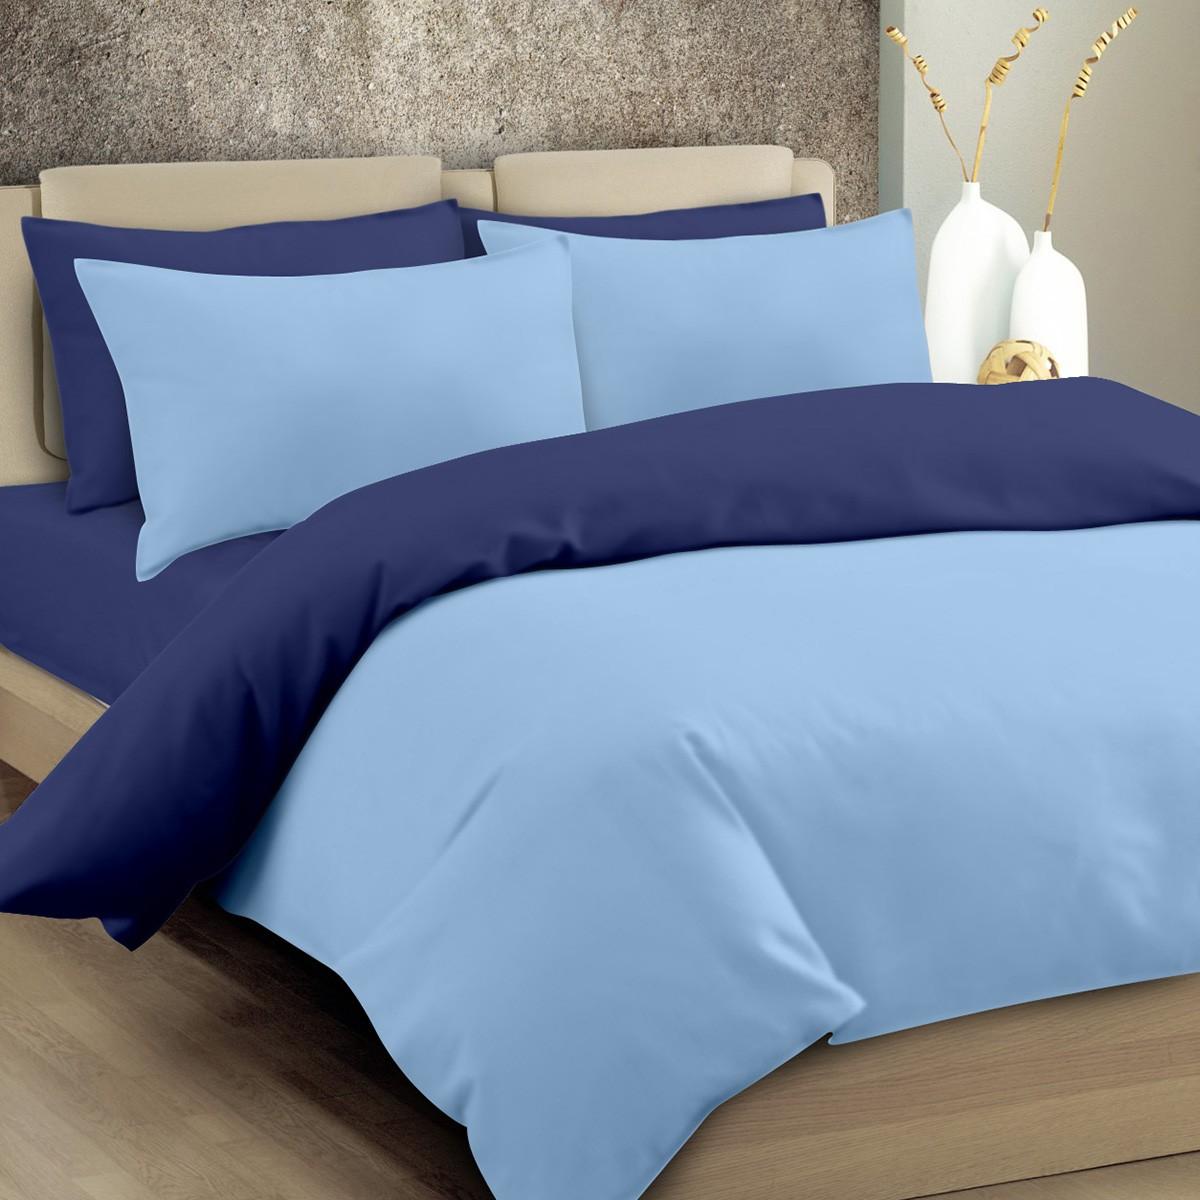 Παπλωματοθήκη Μονή Maison Blanche 11003 Γαλάζιο/Μπλε